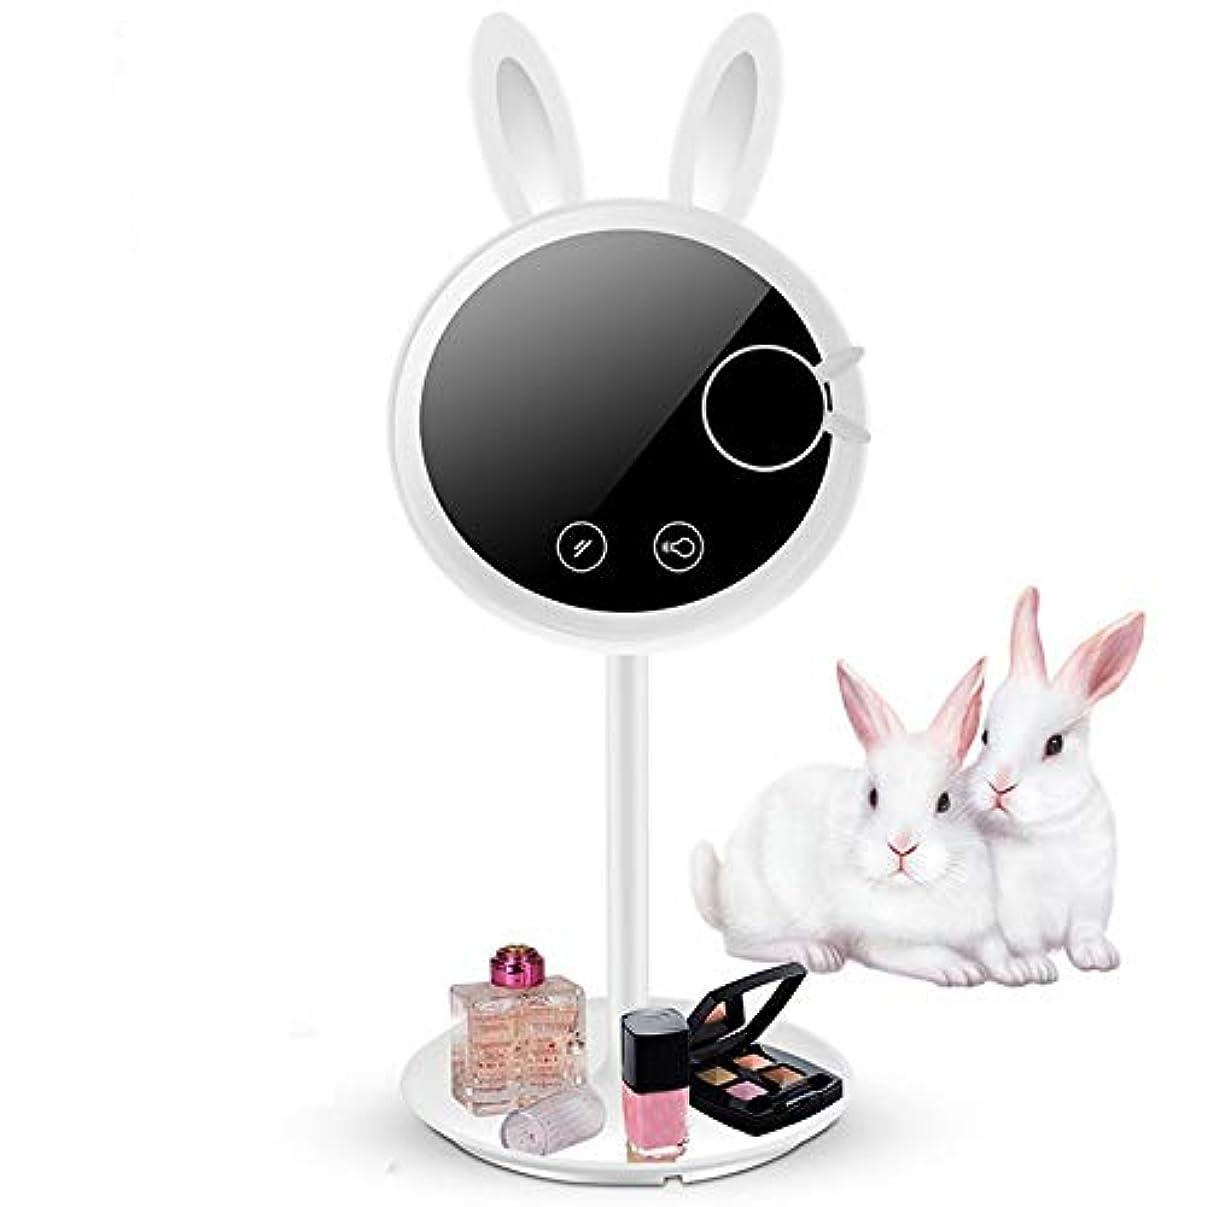 スキップすずめアセンブリ流行の 新しいバニーLEDフィルライト化粧鏡と光インテリジェントフィルライトデスクトップ化粧鏡ABS小さなギフトホワイト